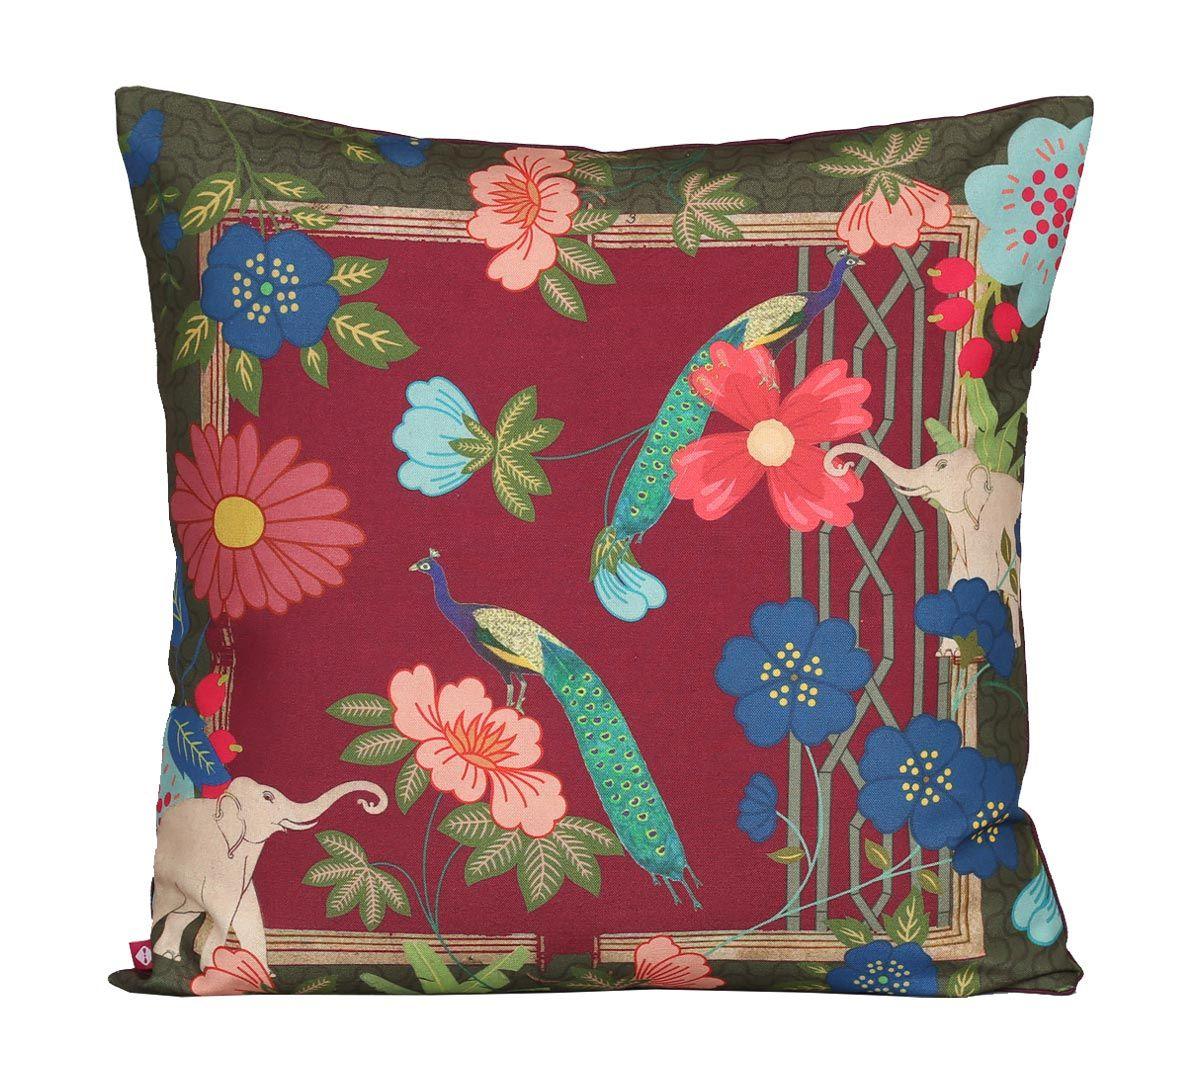 India Circus Fauna Darbar Canvas Cushion Cover